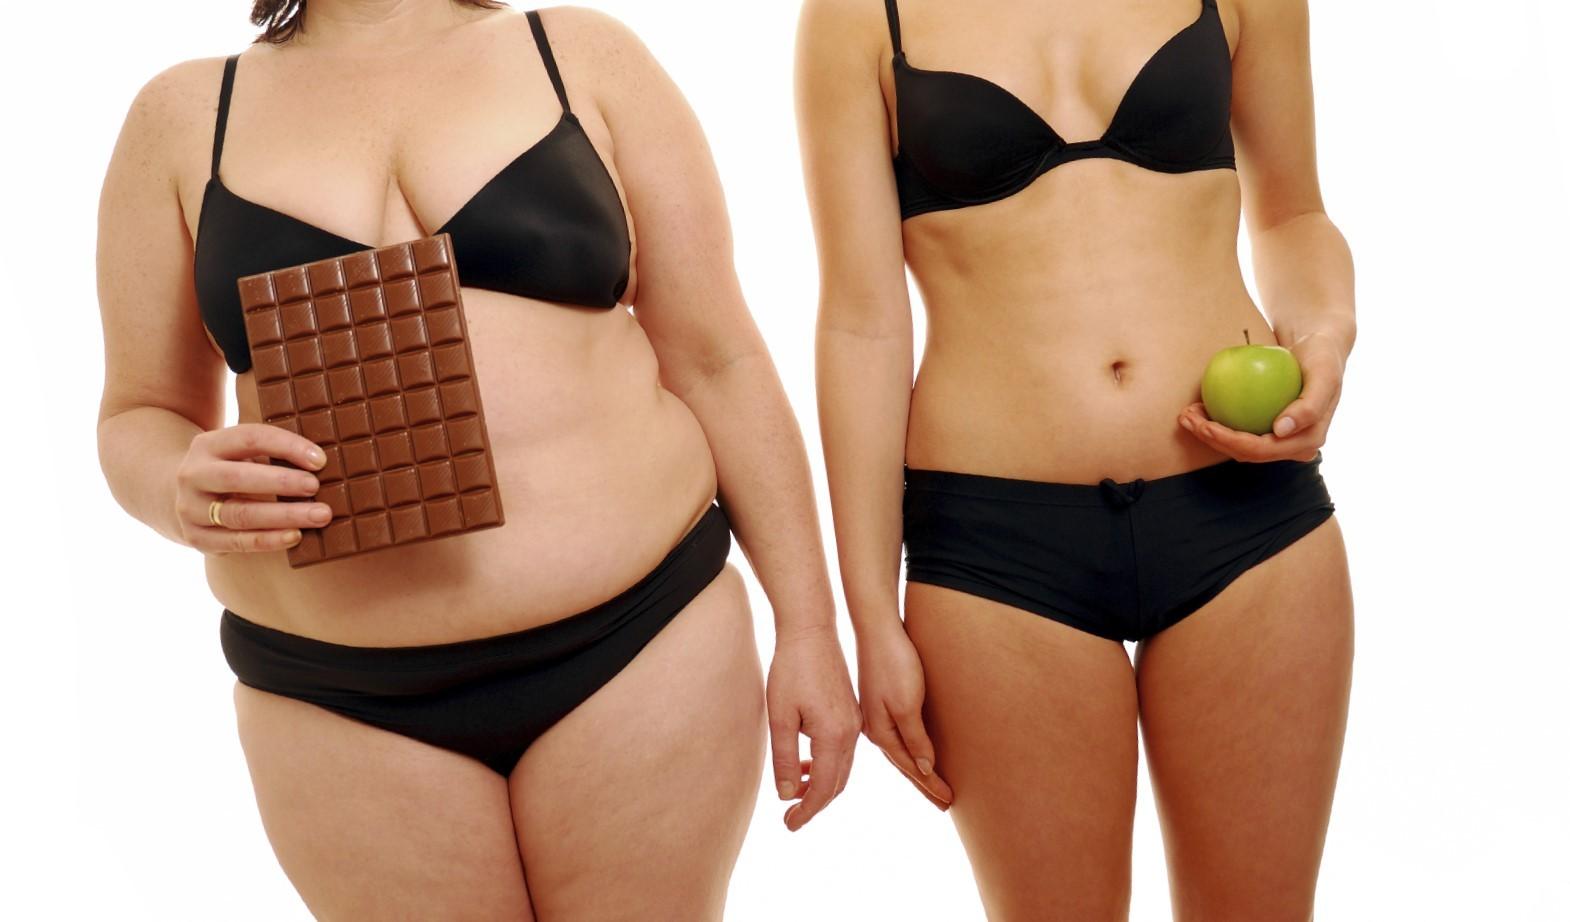 Средства Правильного Похудения. 10 препаратов для похудения. Таблетки для похудения – группа препаратов